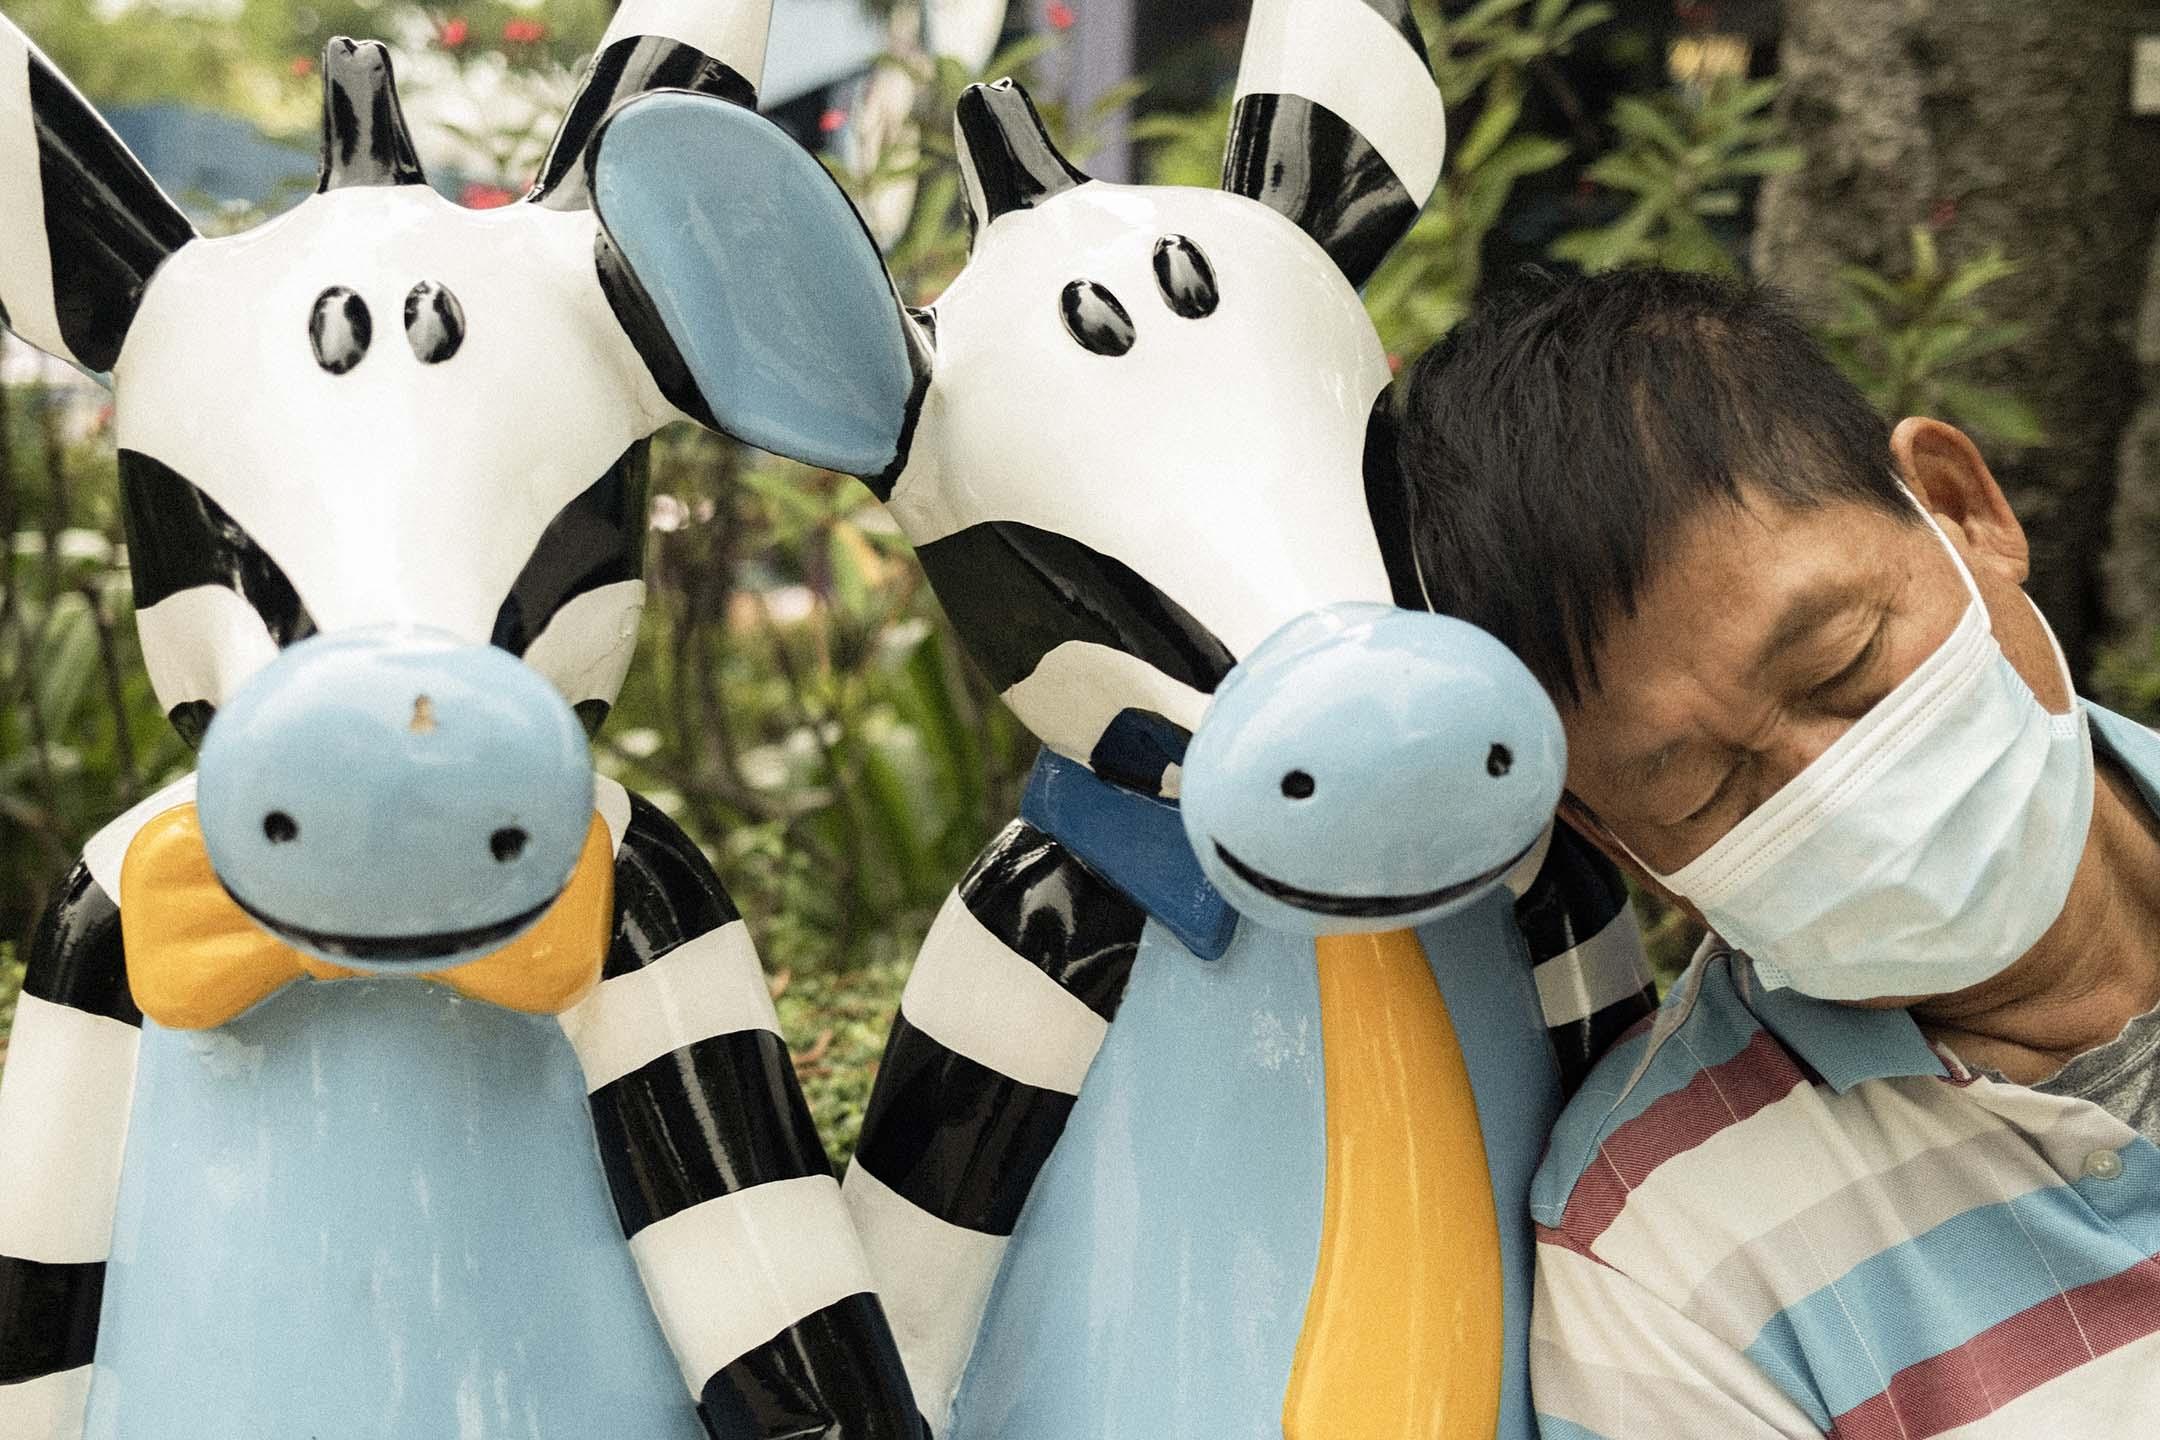 2021年4月18日,遊人在斑馬擺設旁睡覺。